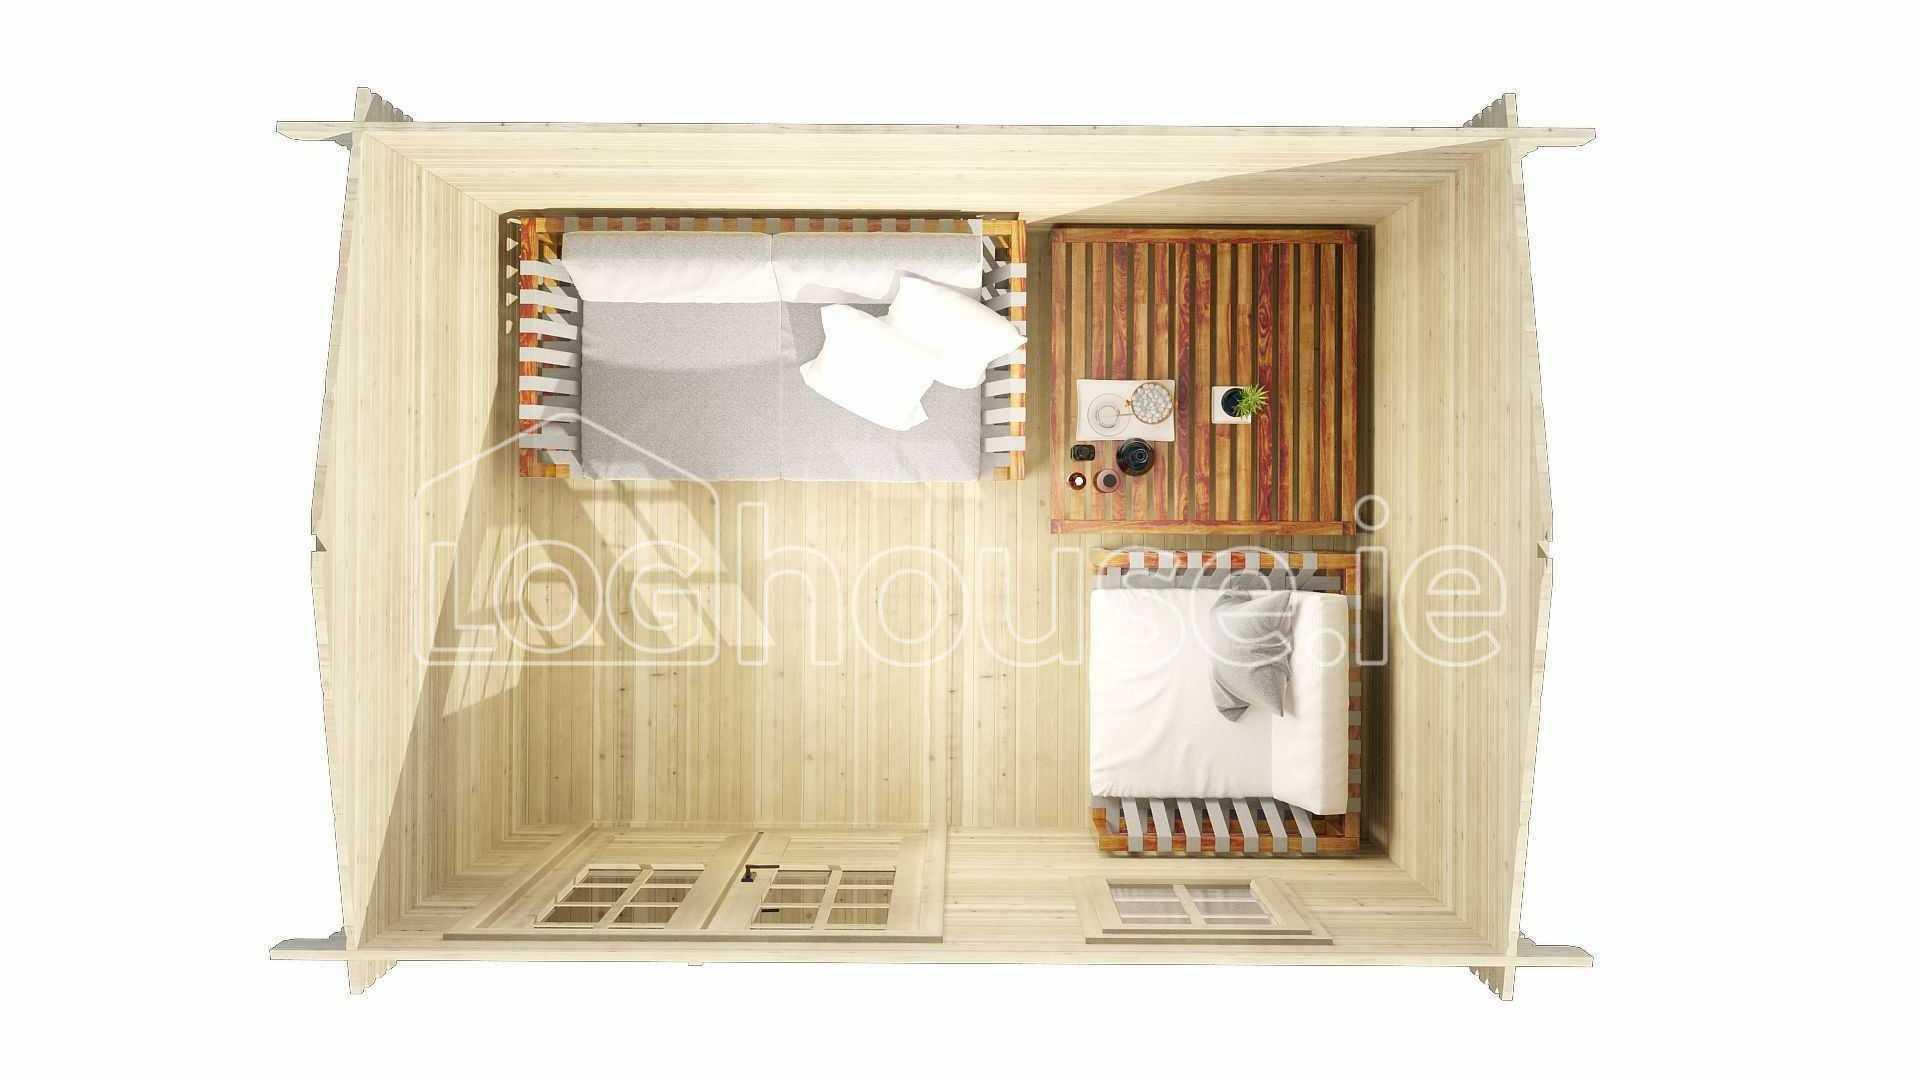 Arklow Log Cabin Floor Plan